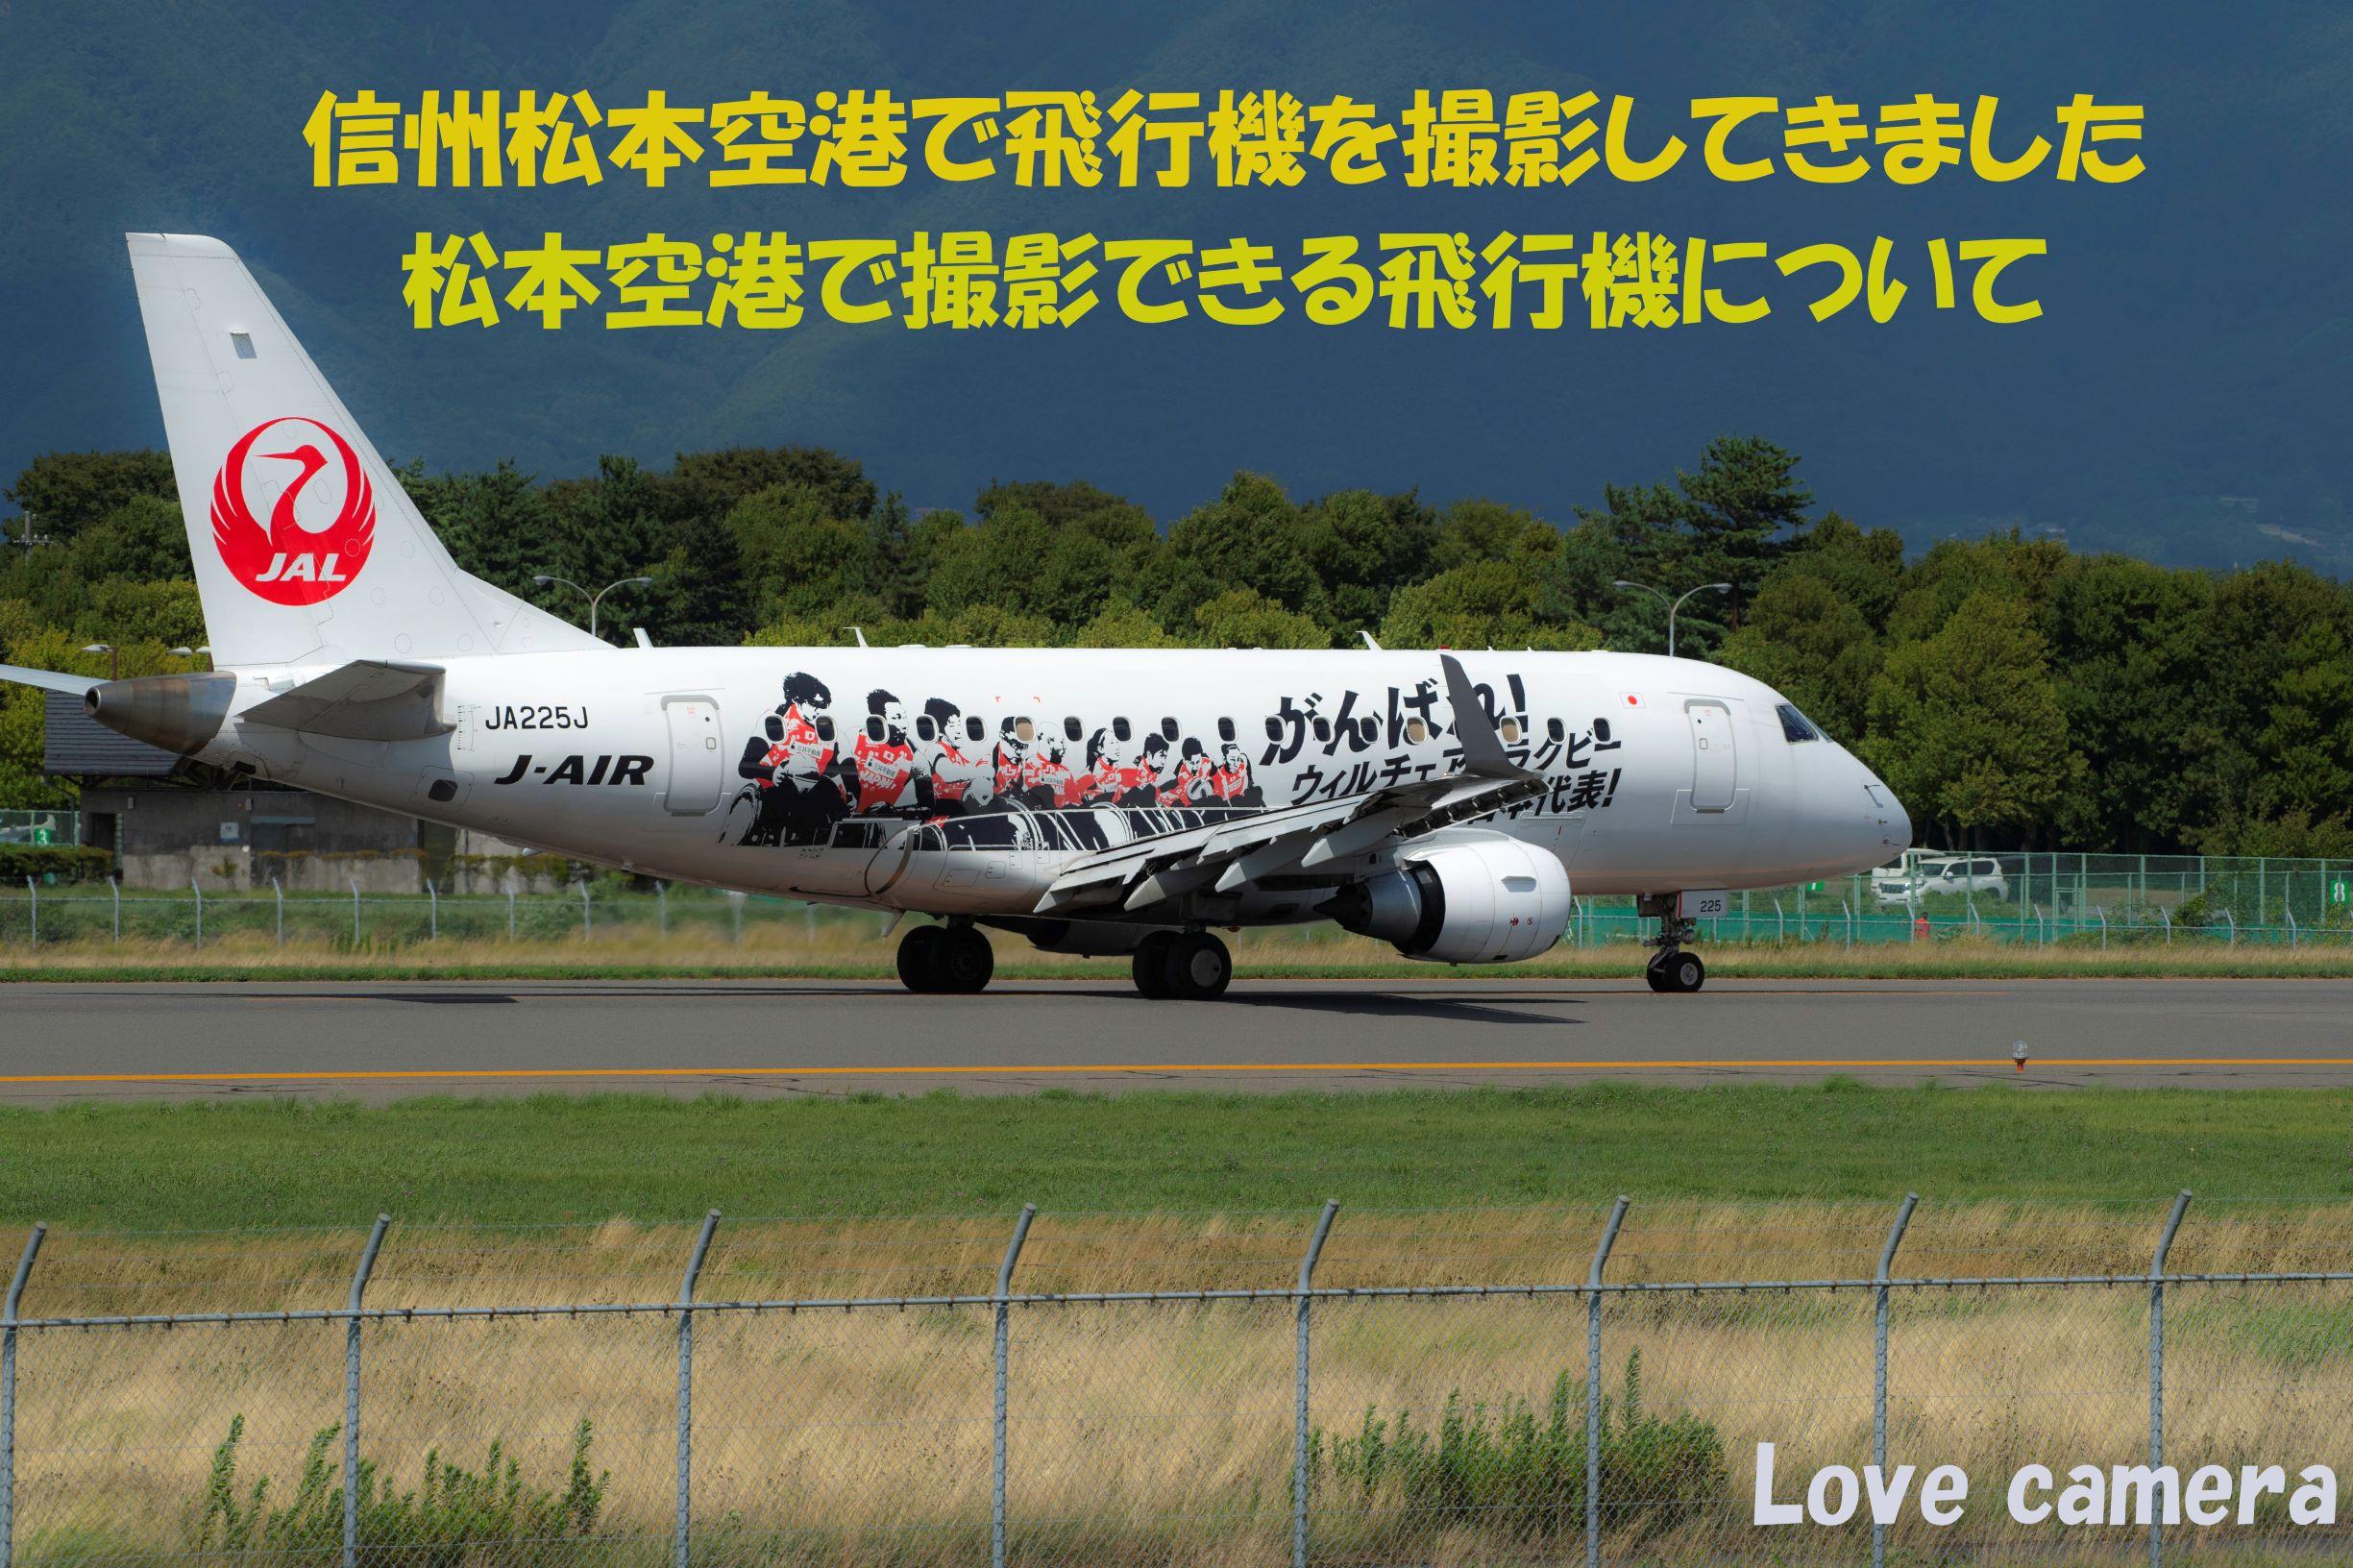 信州まつもと空港で飛行機を撮影。撮影できる飛行機について